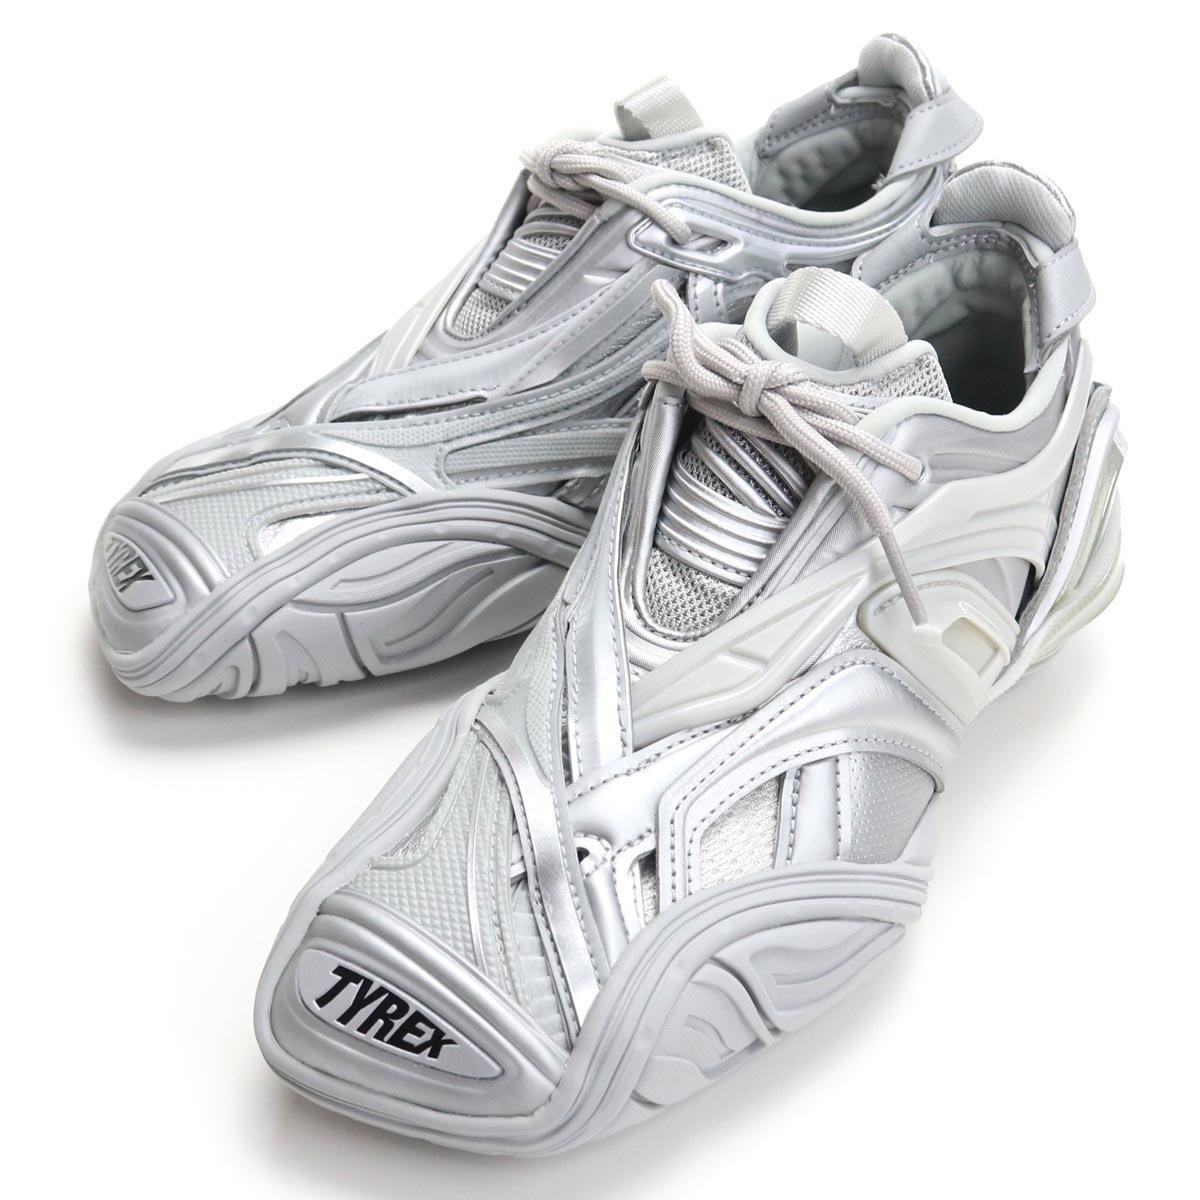 レディース靴, スニーカー  BALENCIAGA TYREX 617517 W2WA1 8100 bos-09 shoes-01